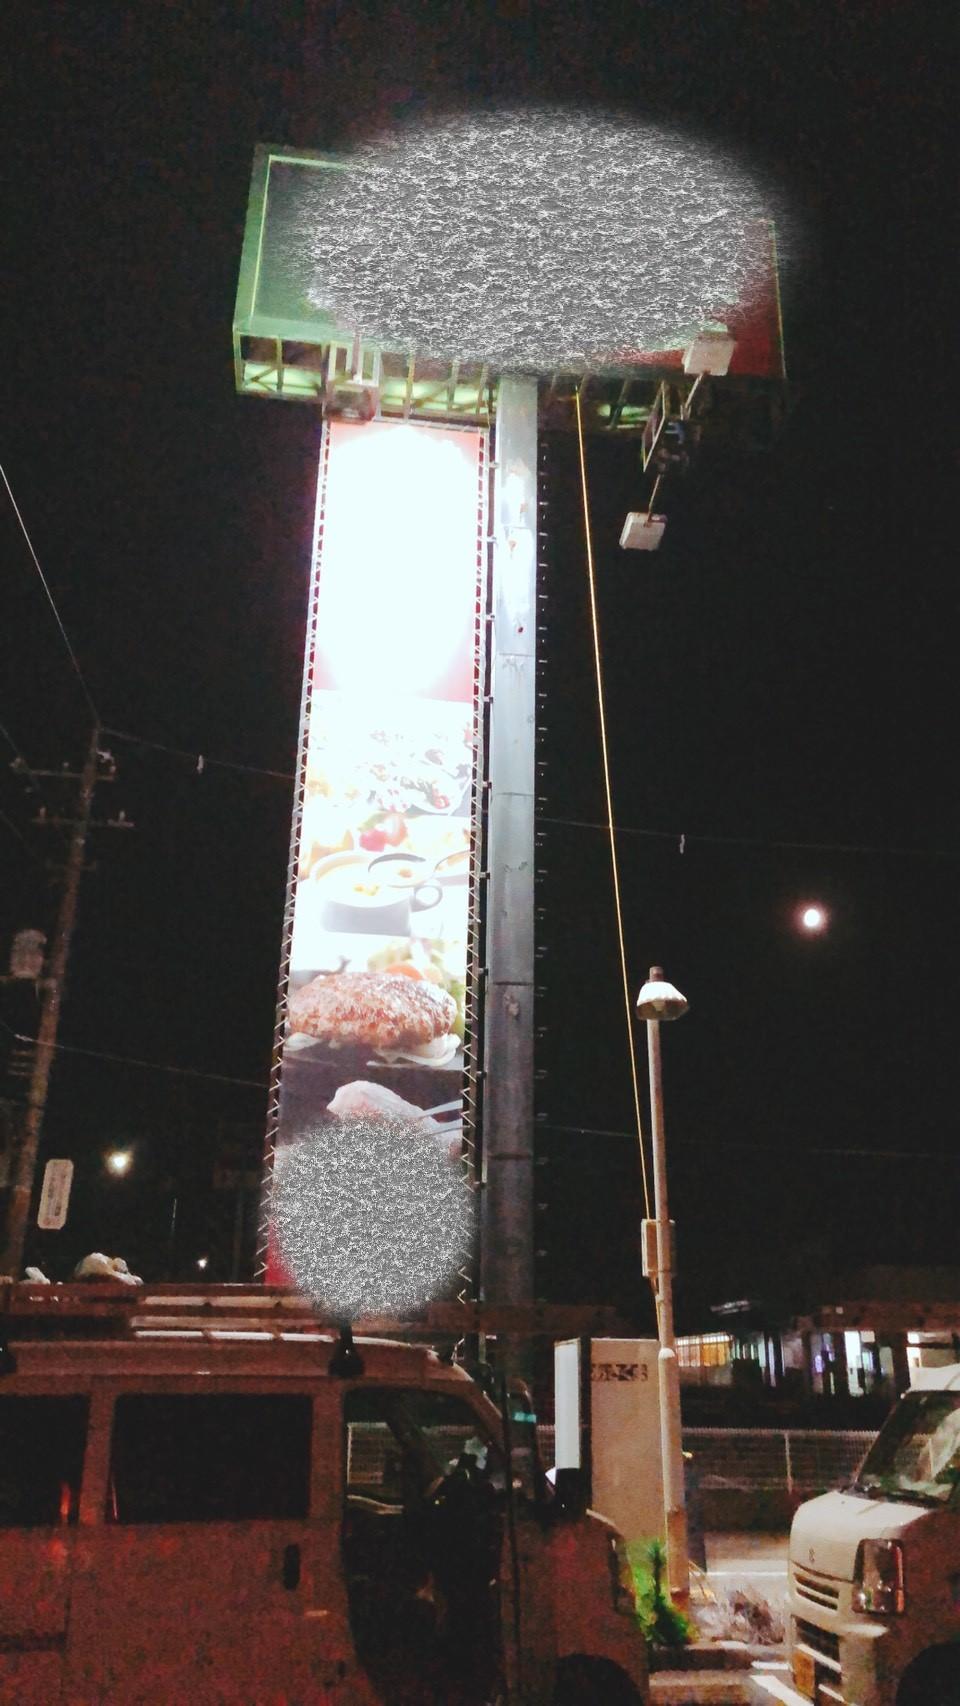 千葉県千葉市のM店のカラス駆除:施工前